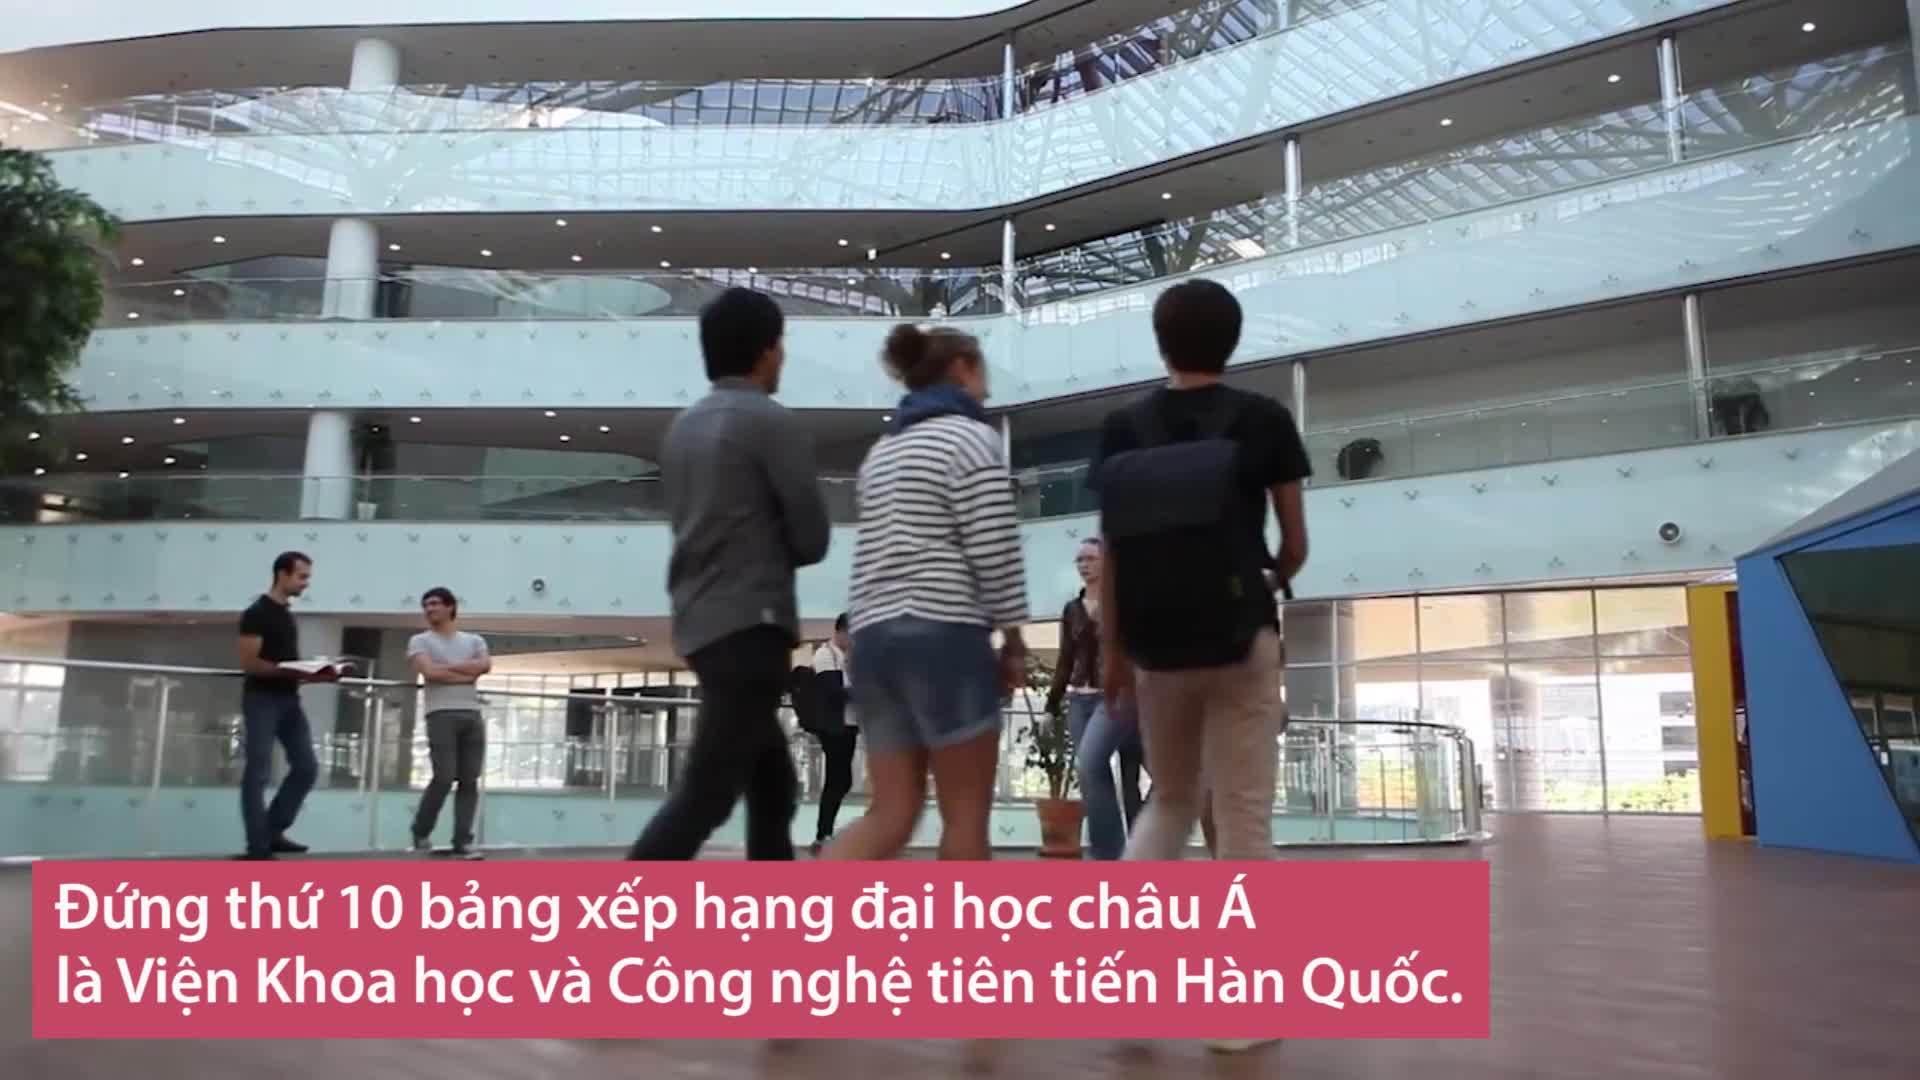 10 đại học tốt nhất châu Á 2018